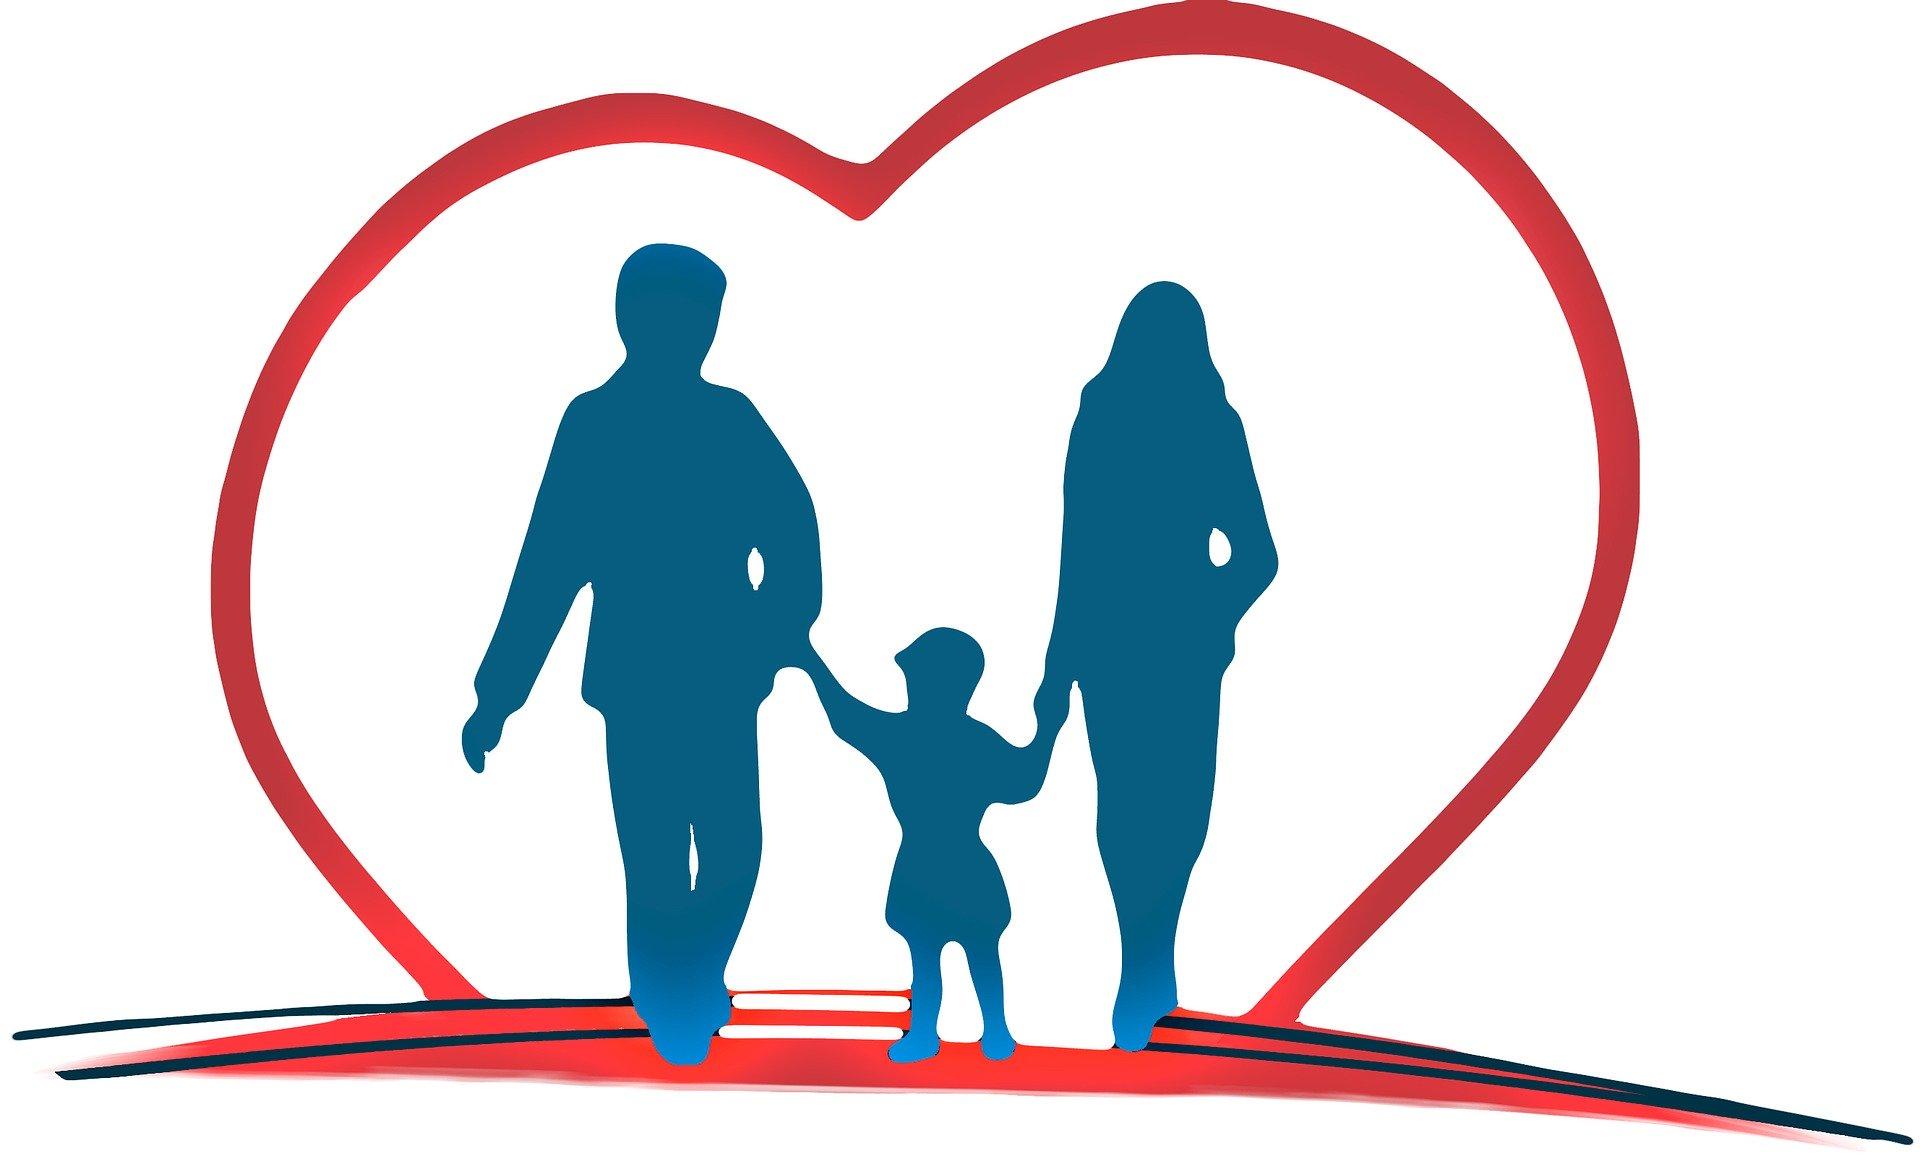 איך אדע כי ילדי עבר רשלנות רפואית?